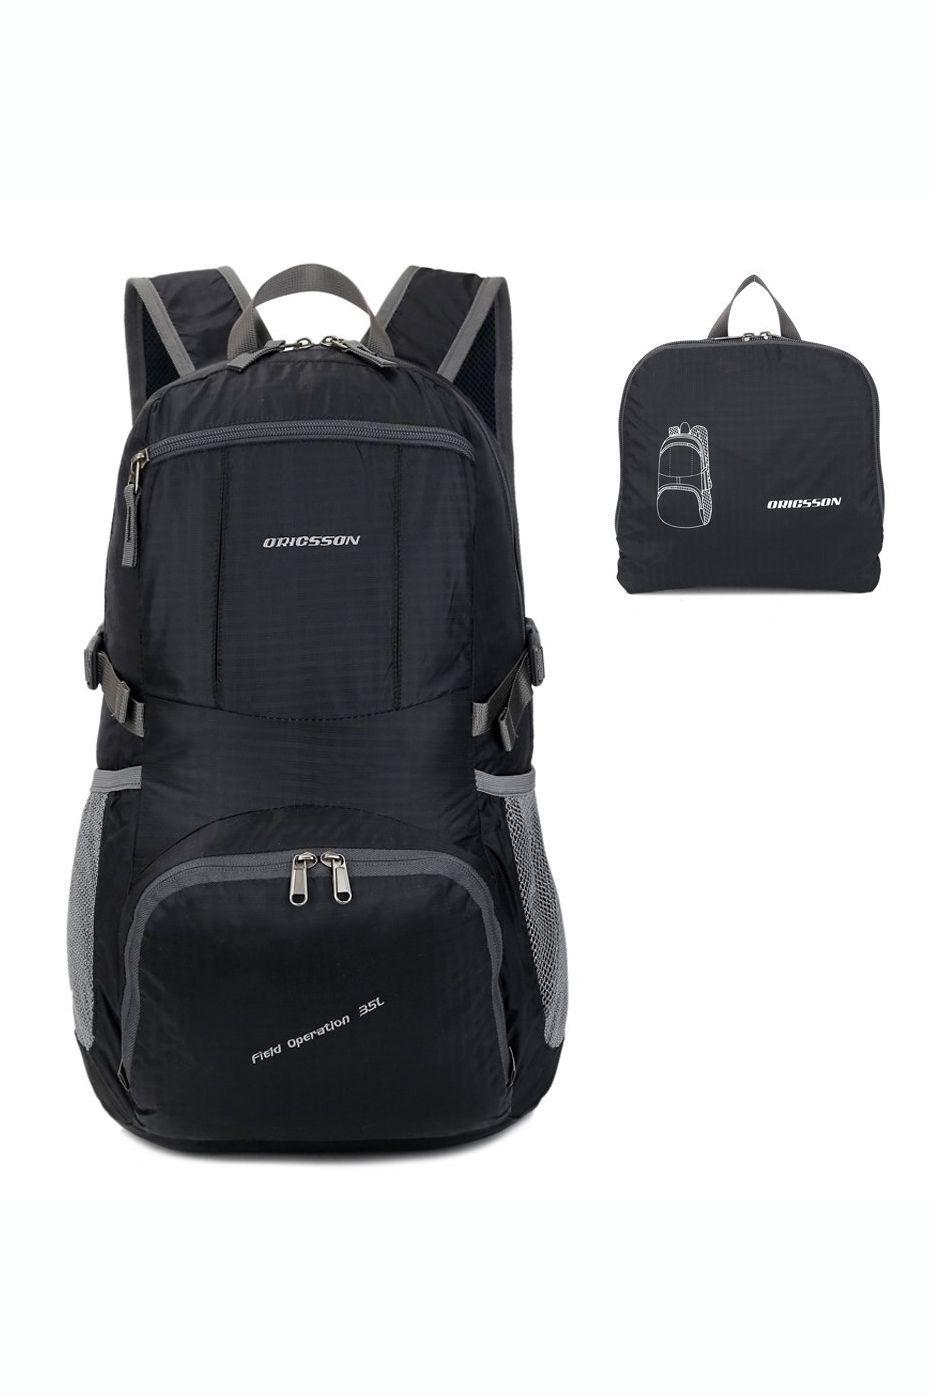 camping checklist - waterproof backpack